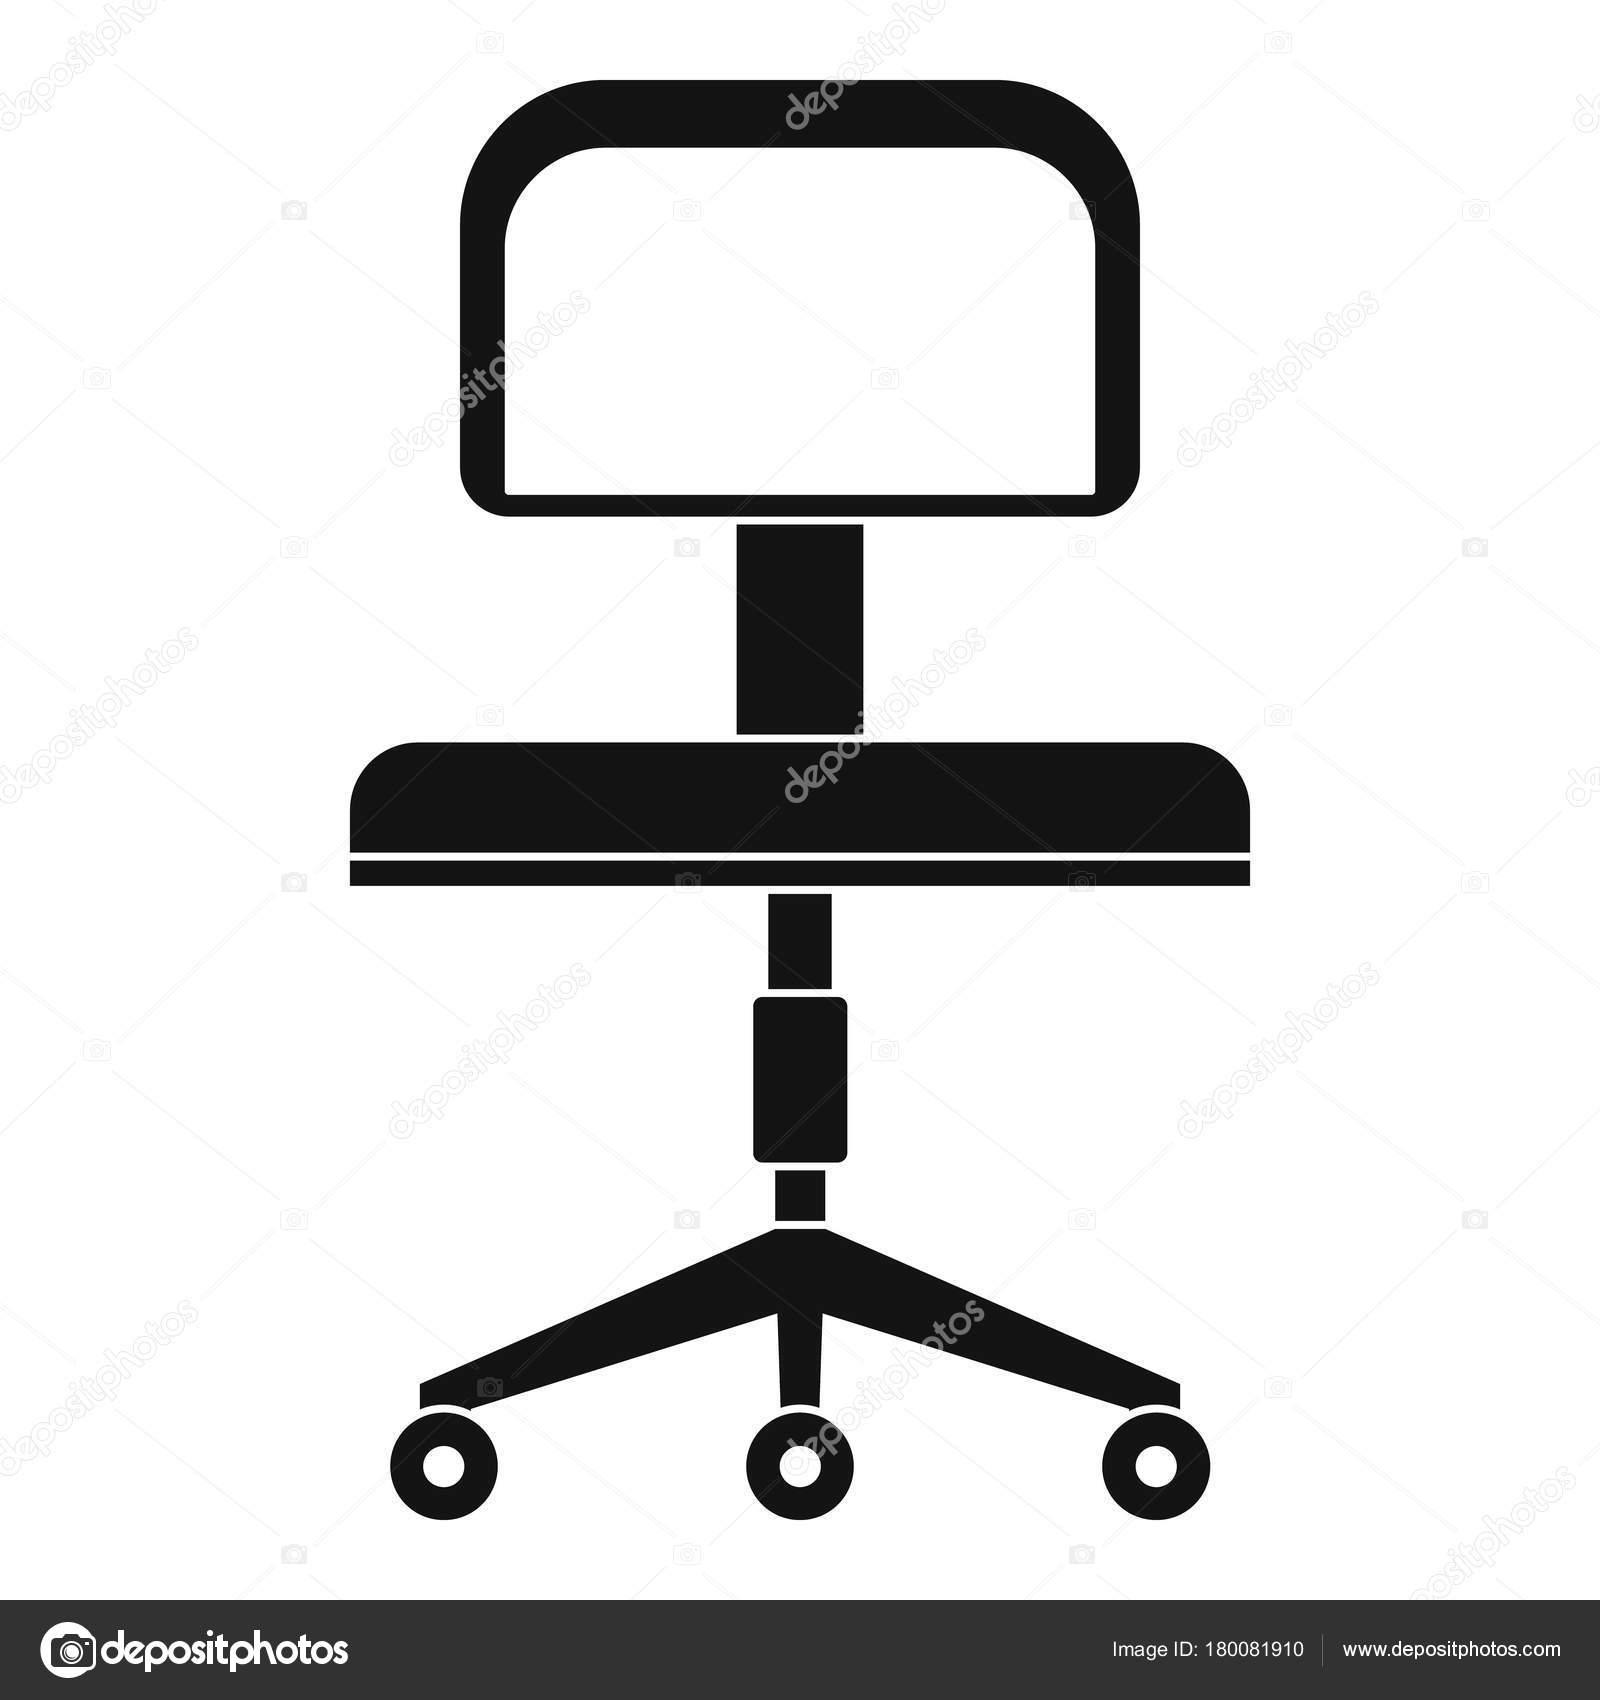 Ufficio una sedia con l\'icona di ruote, stile semplice — Vettoriali ...